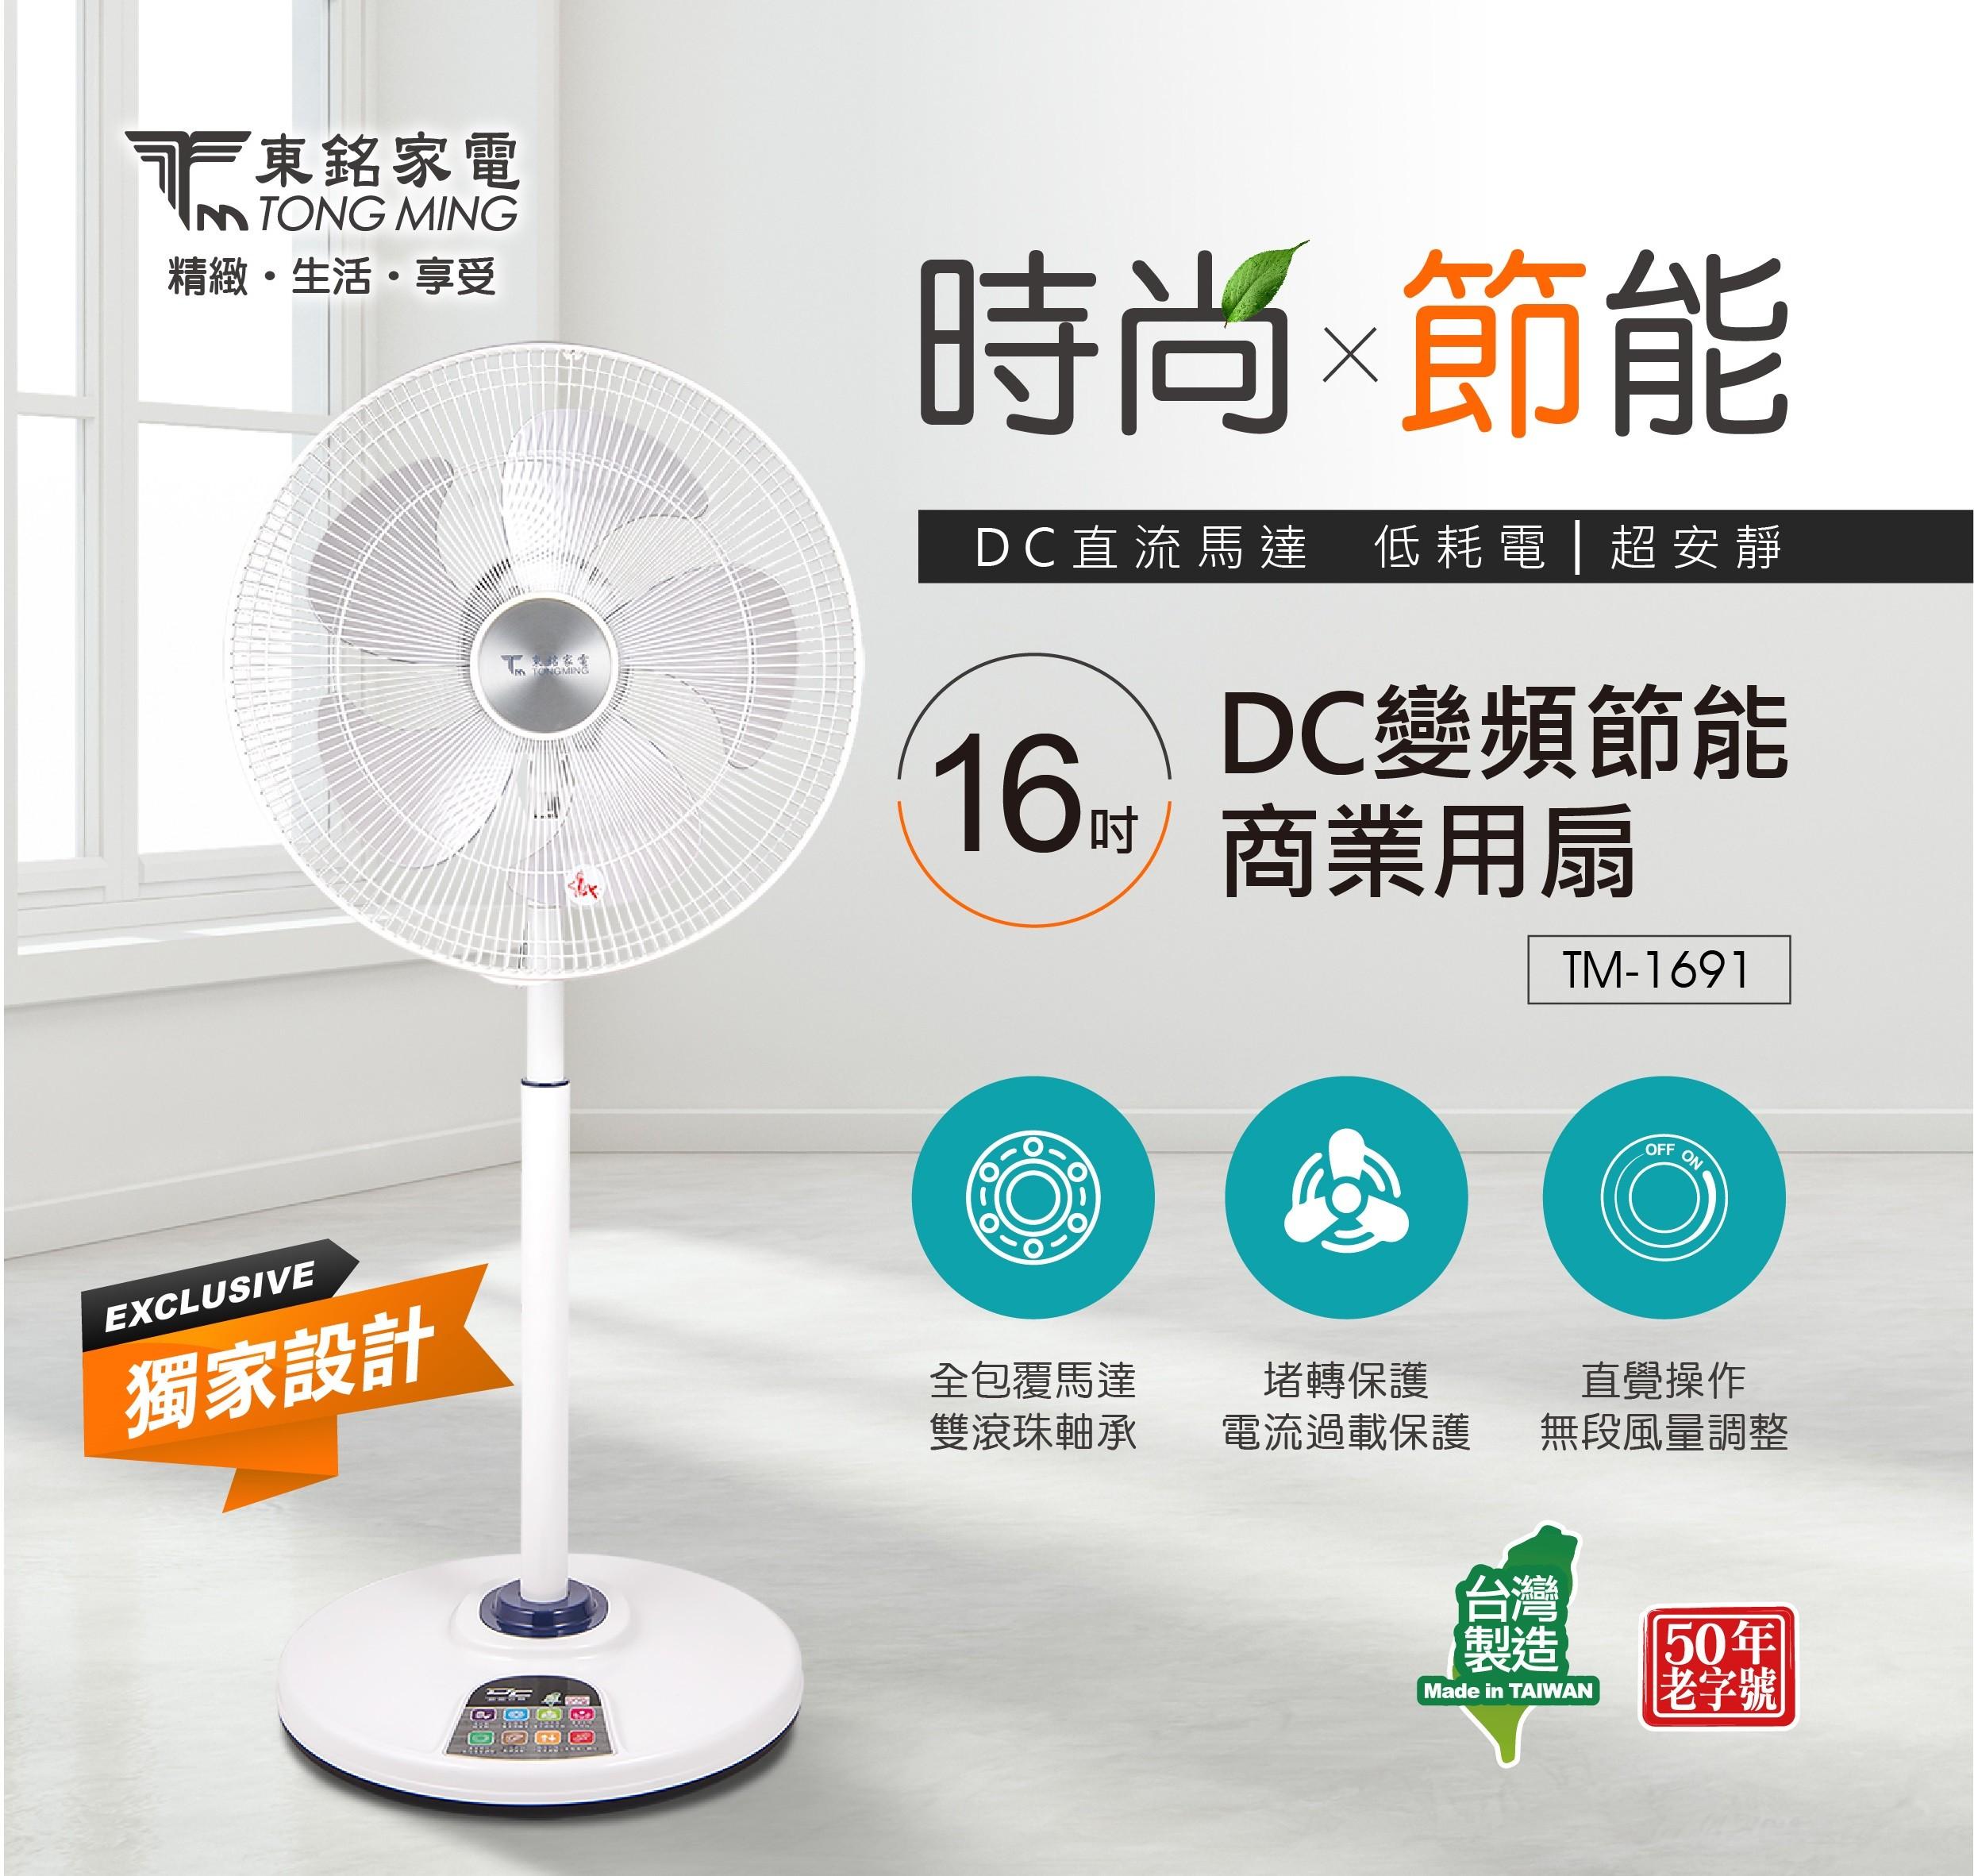 <新品上市>東銘 16吋DC變頻節能商用扇 TM-1691 節能風扇